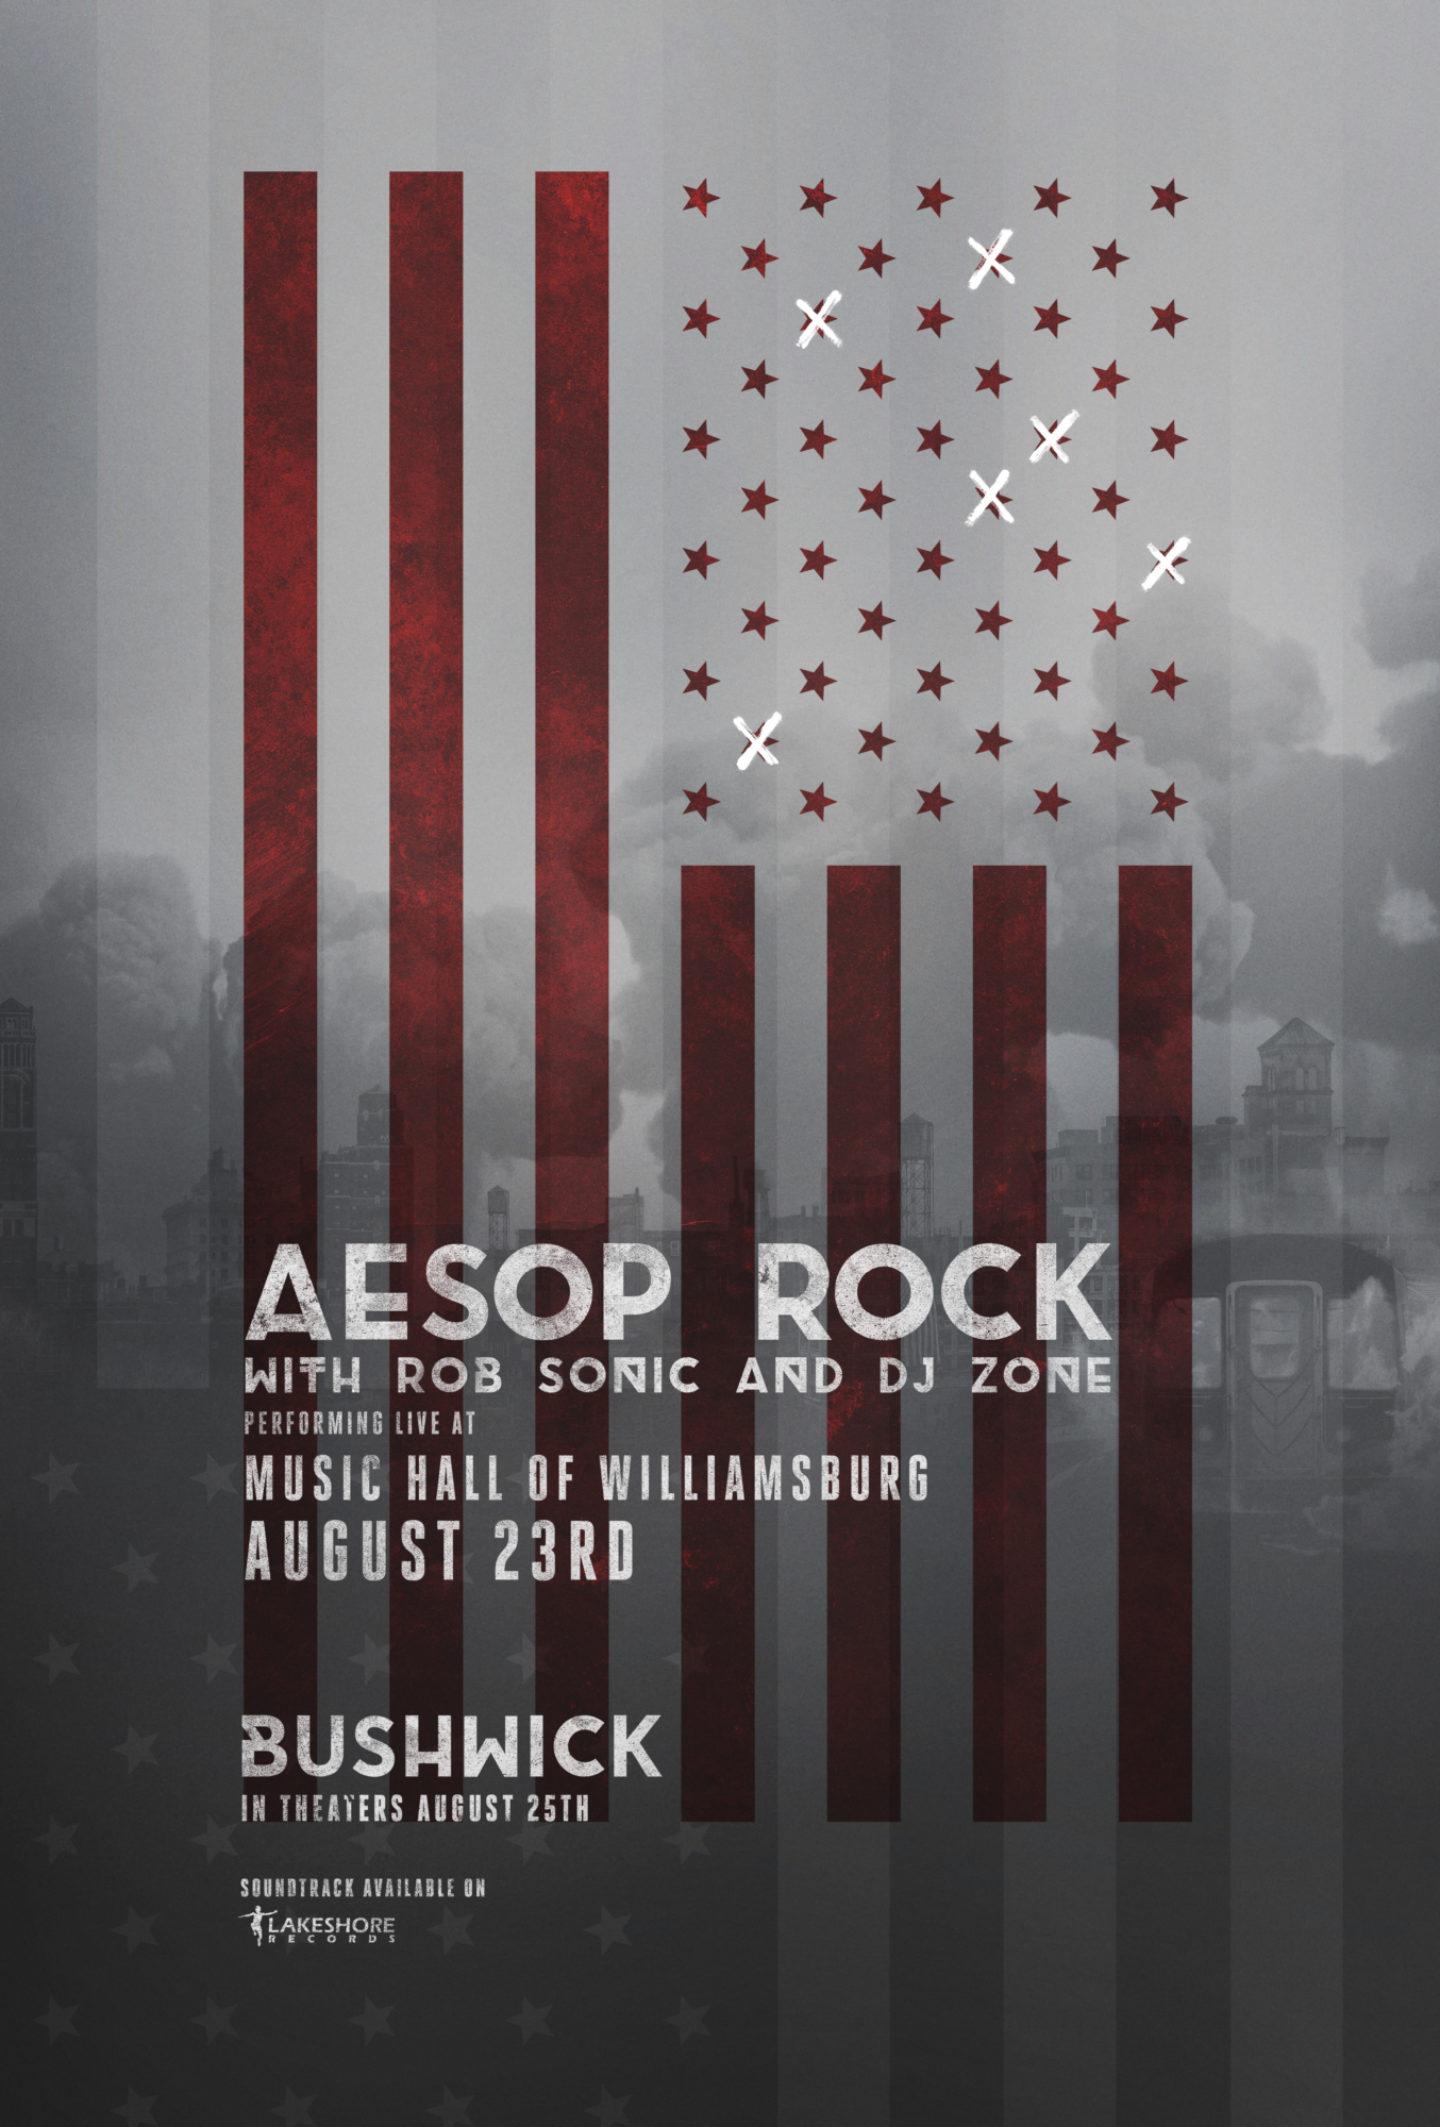 Aesop Rock Bushwick 3